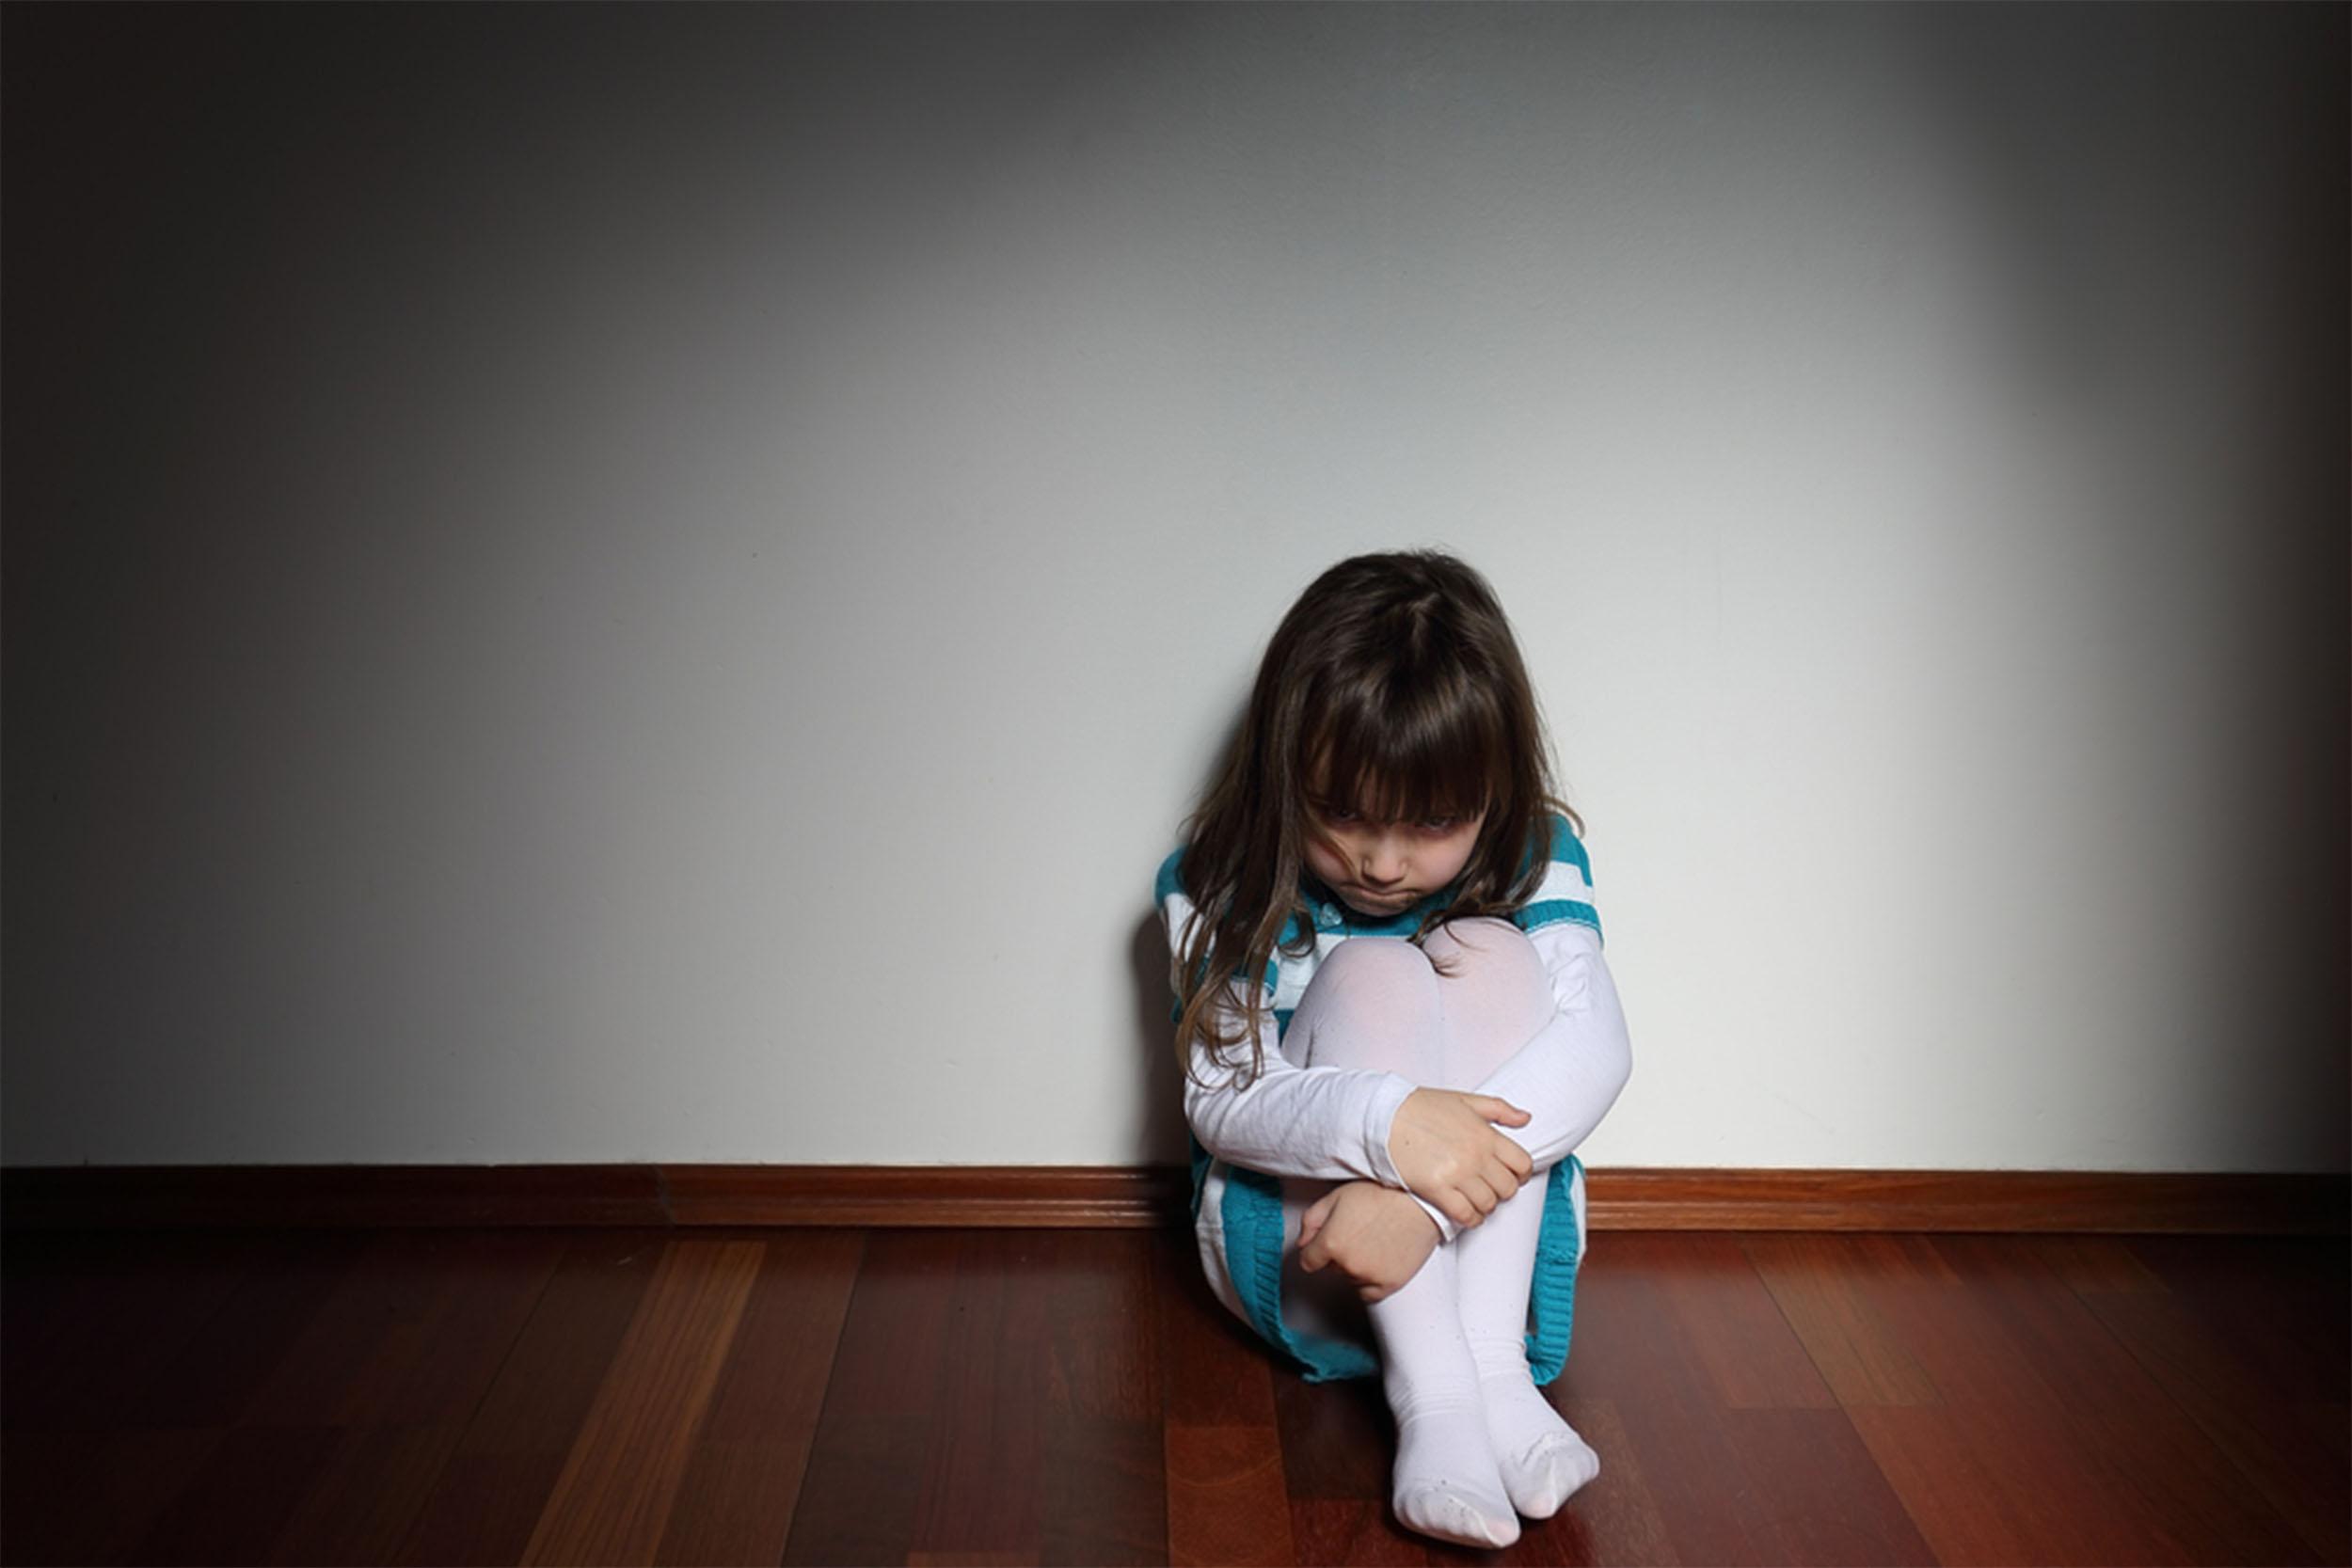 Причины нервного расстройства тянутся из детского возраста